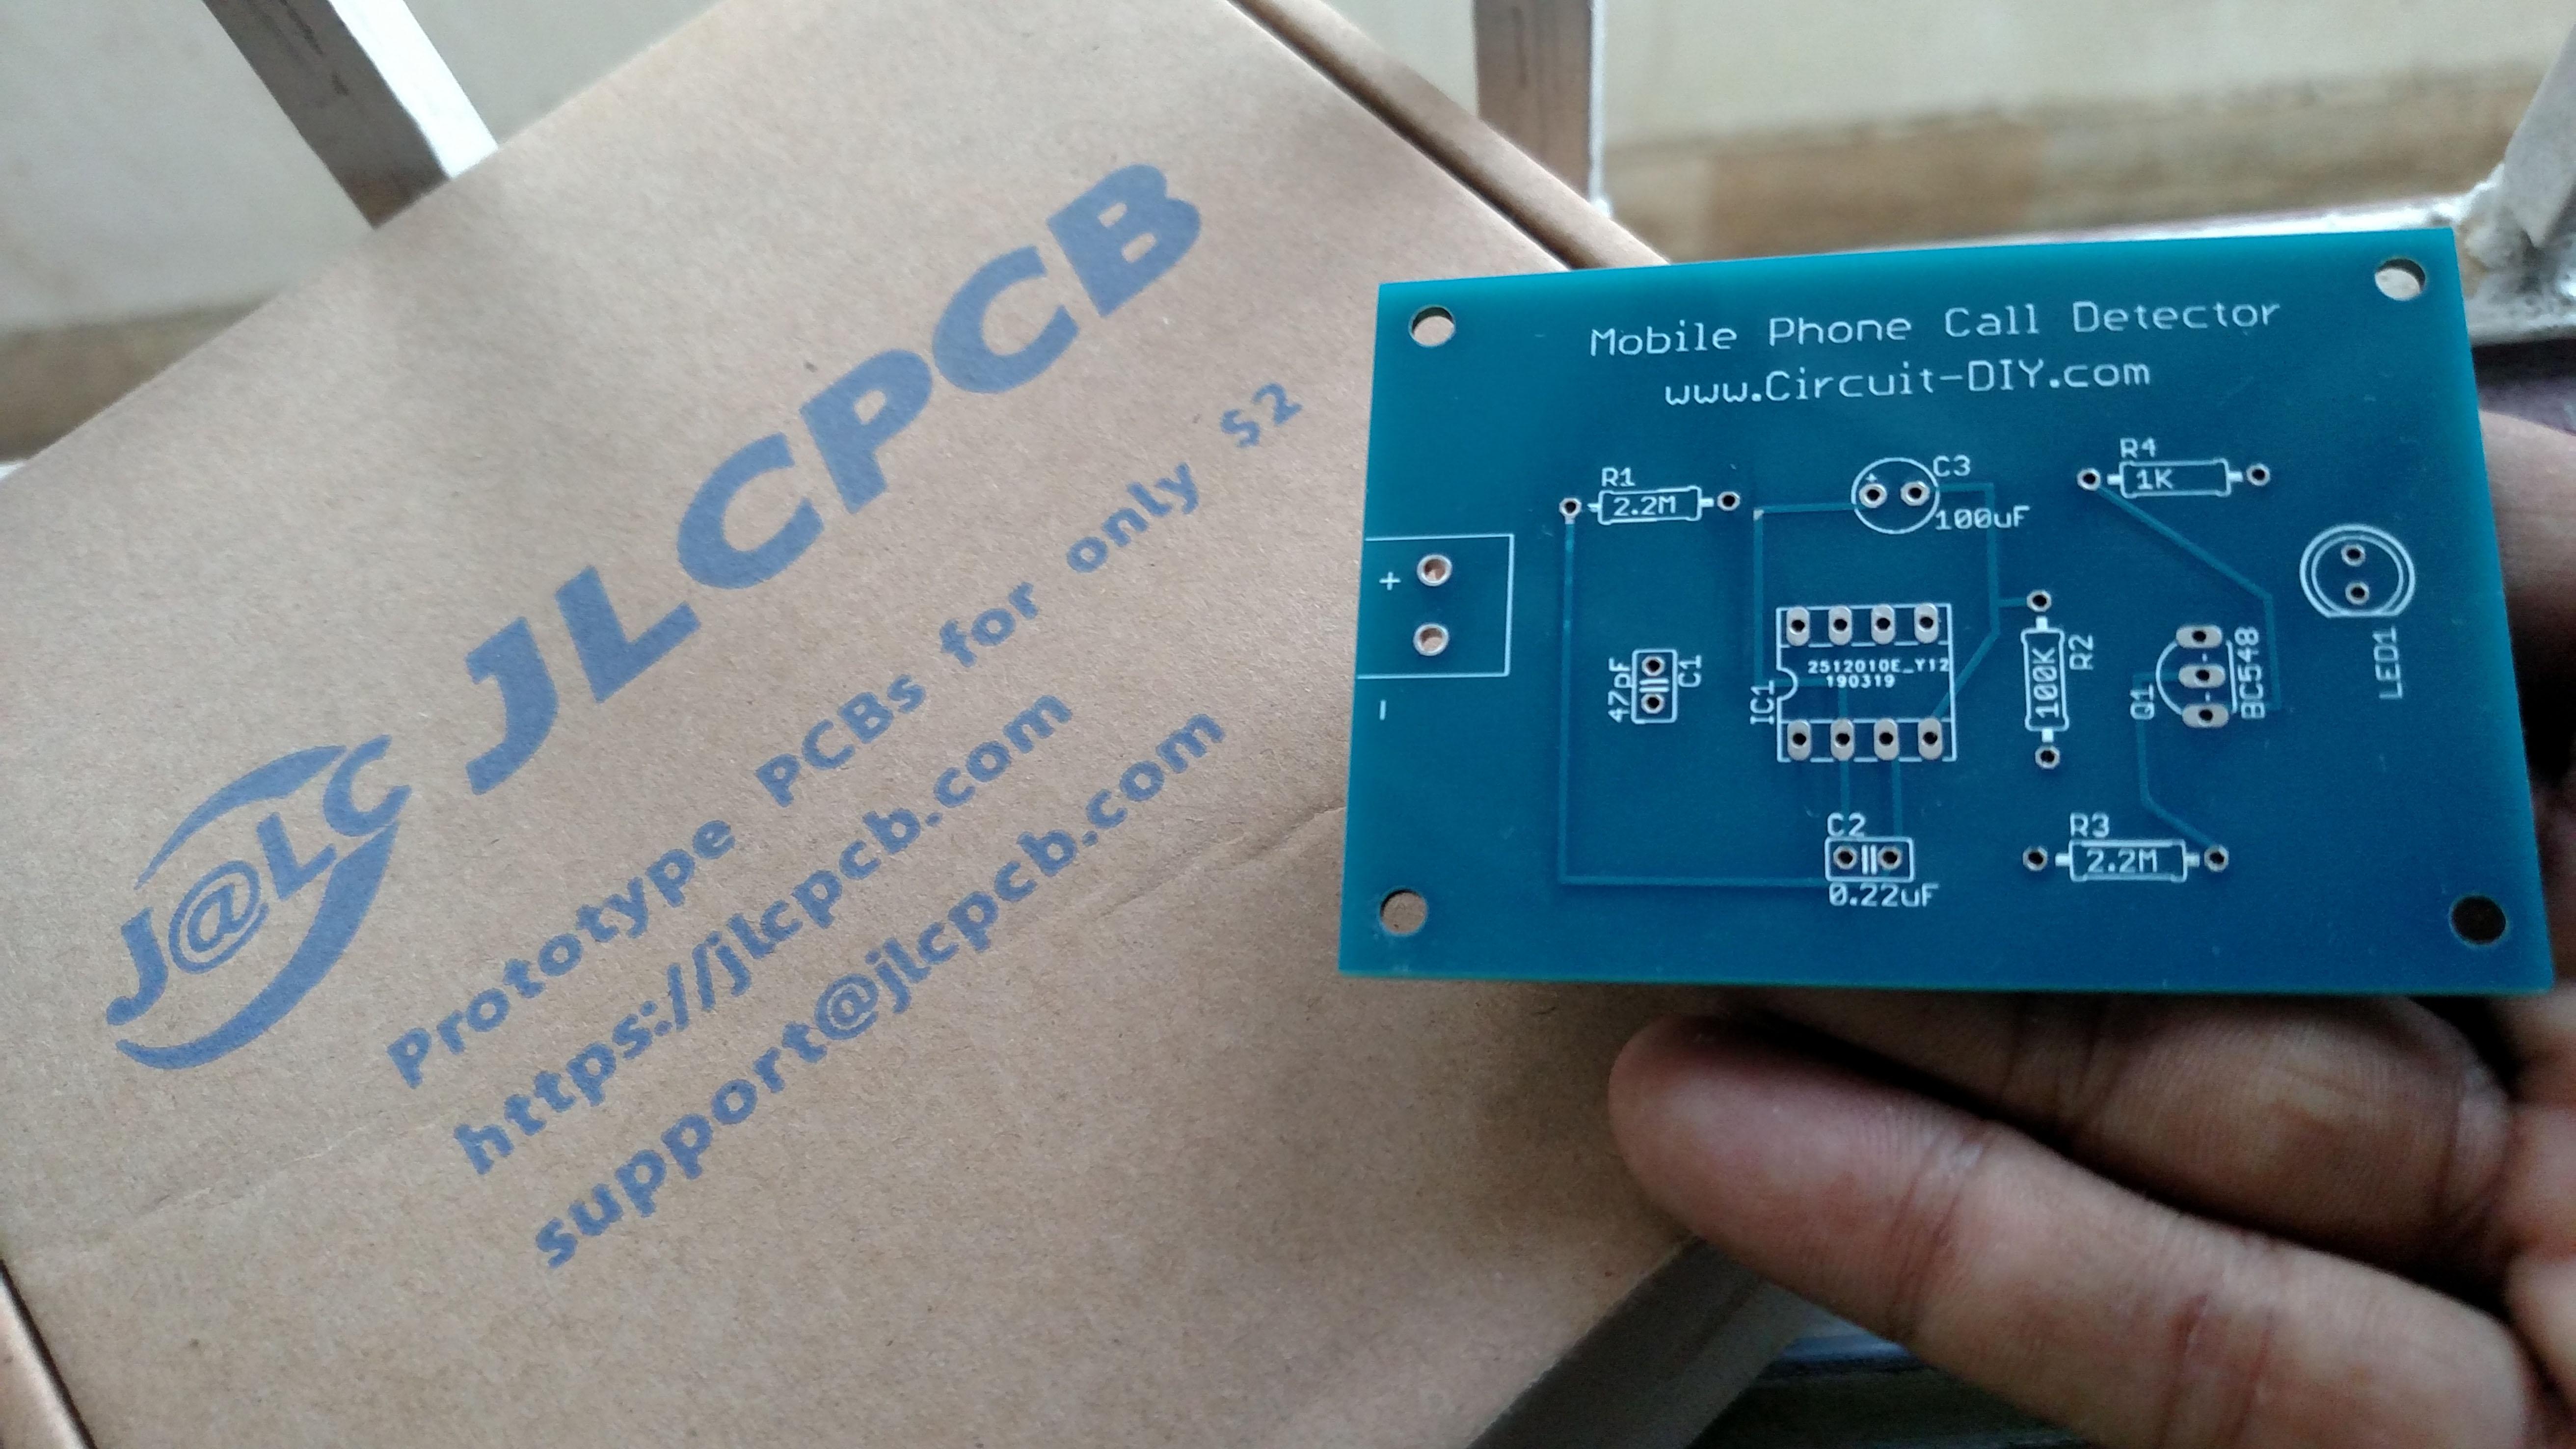 Mobile Call Detector JLCPCB.jpg